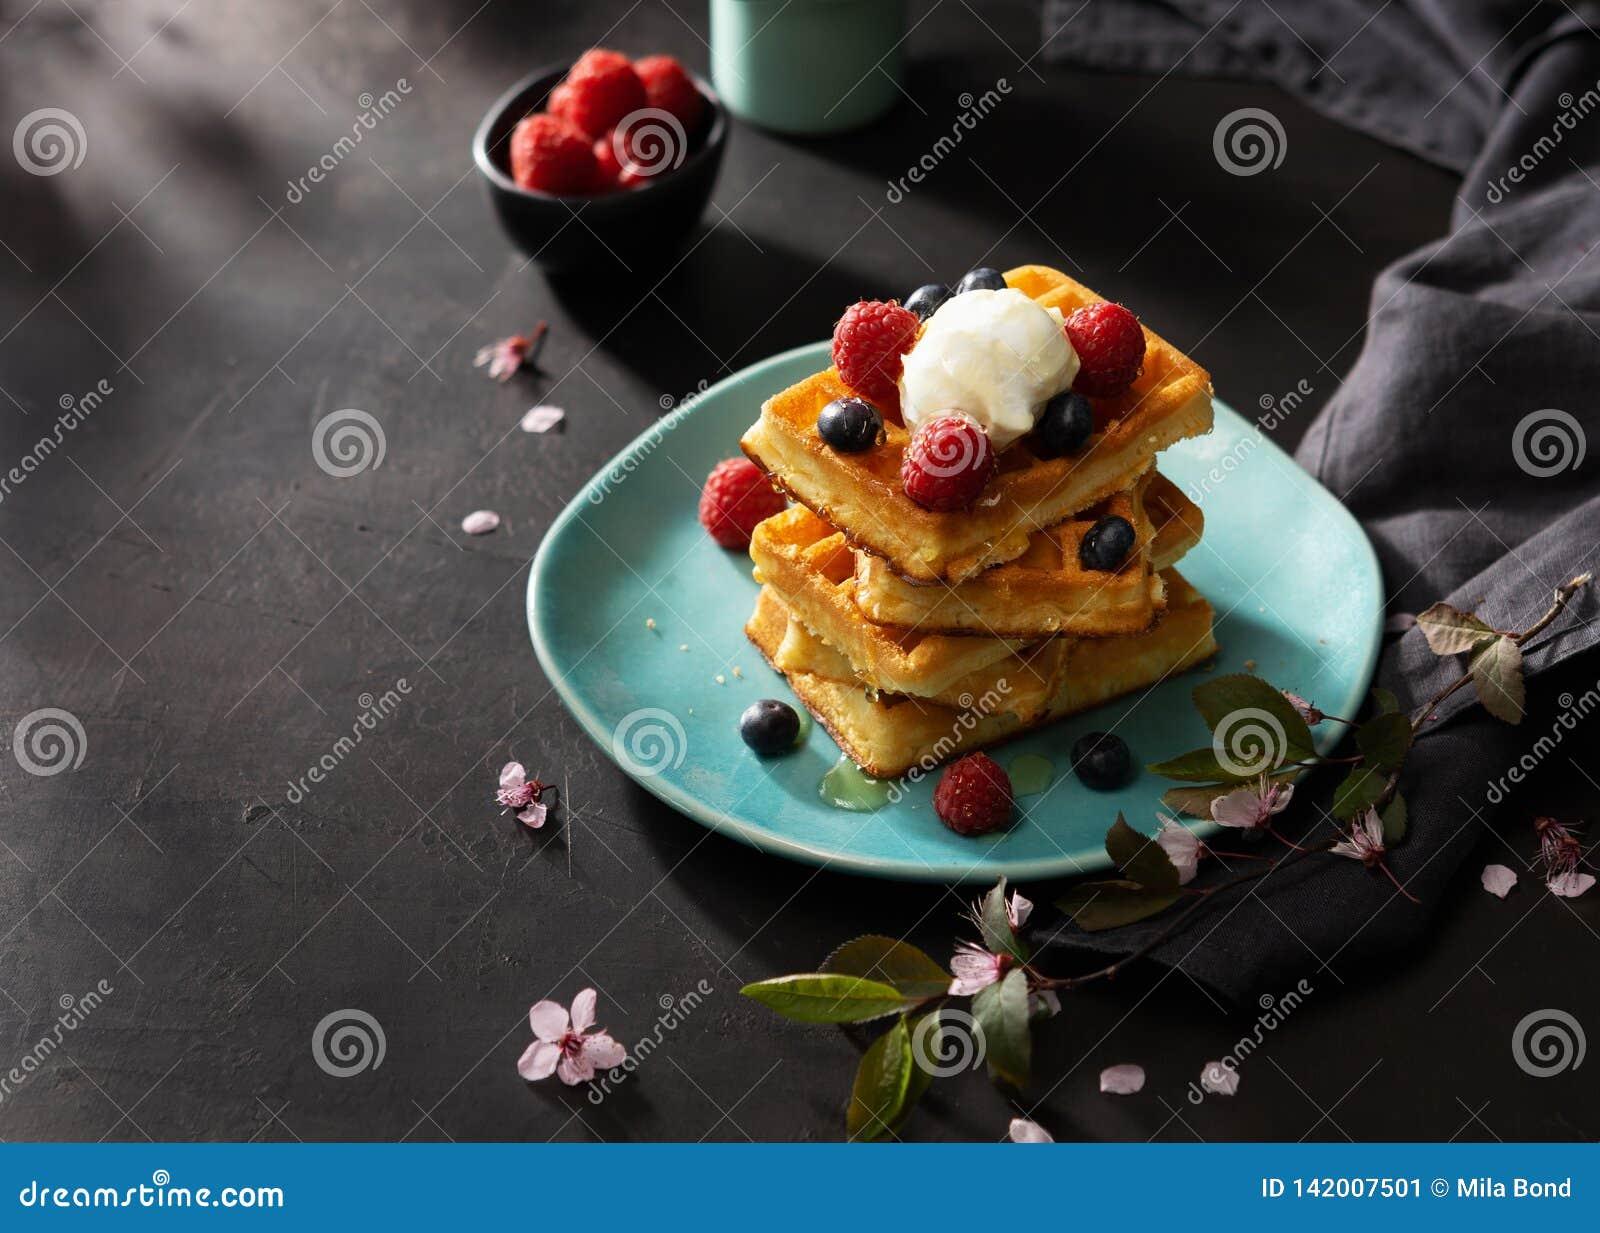 Coció recientemente las galletas con las frambuesas, las bayas, la miel y el café para el desayuno o el brunch en un fondo oscuro